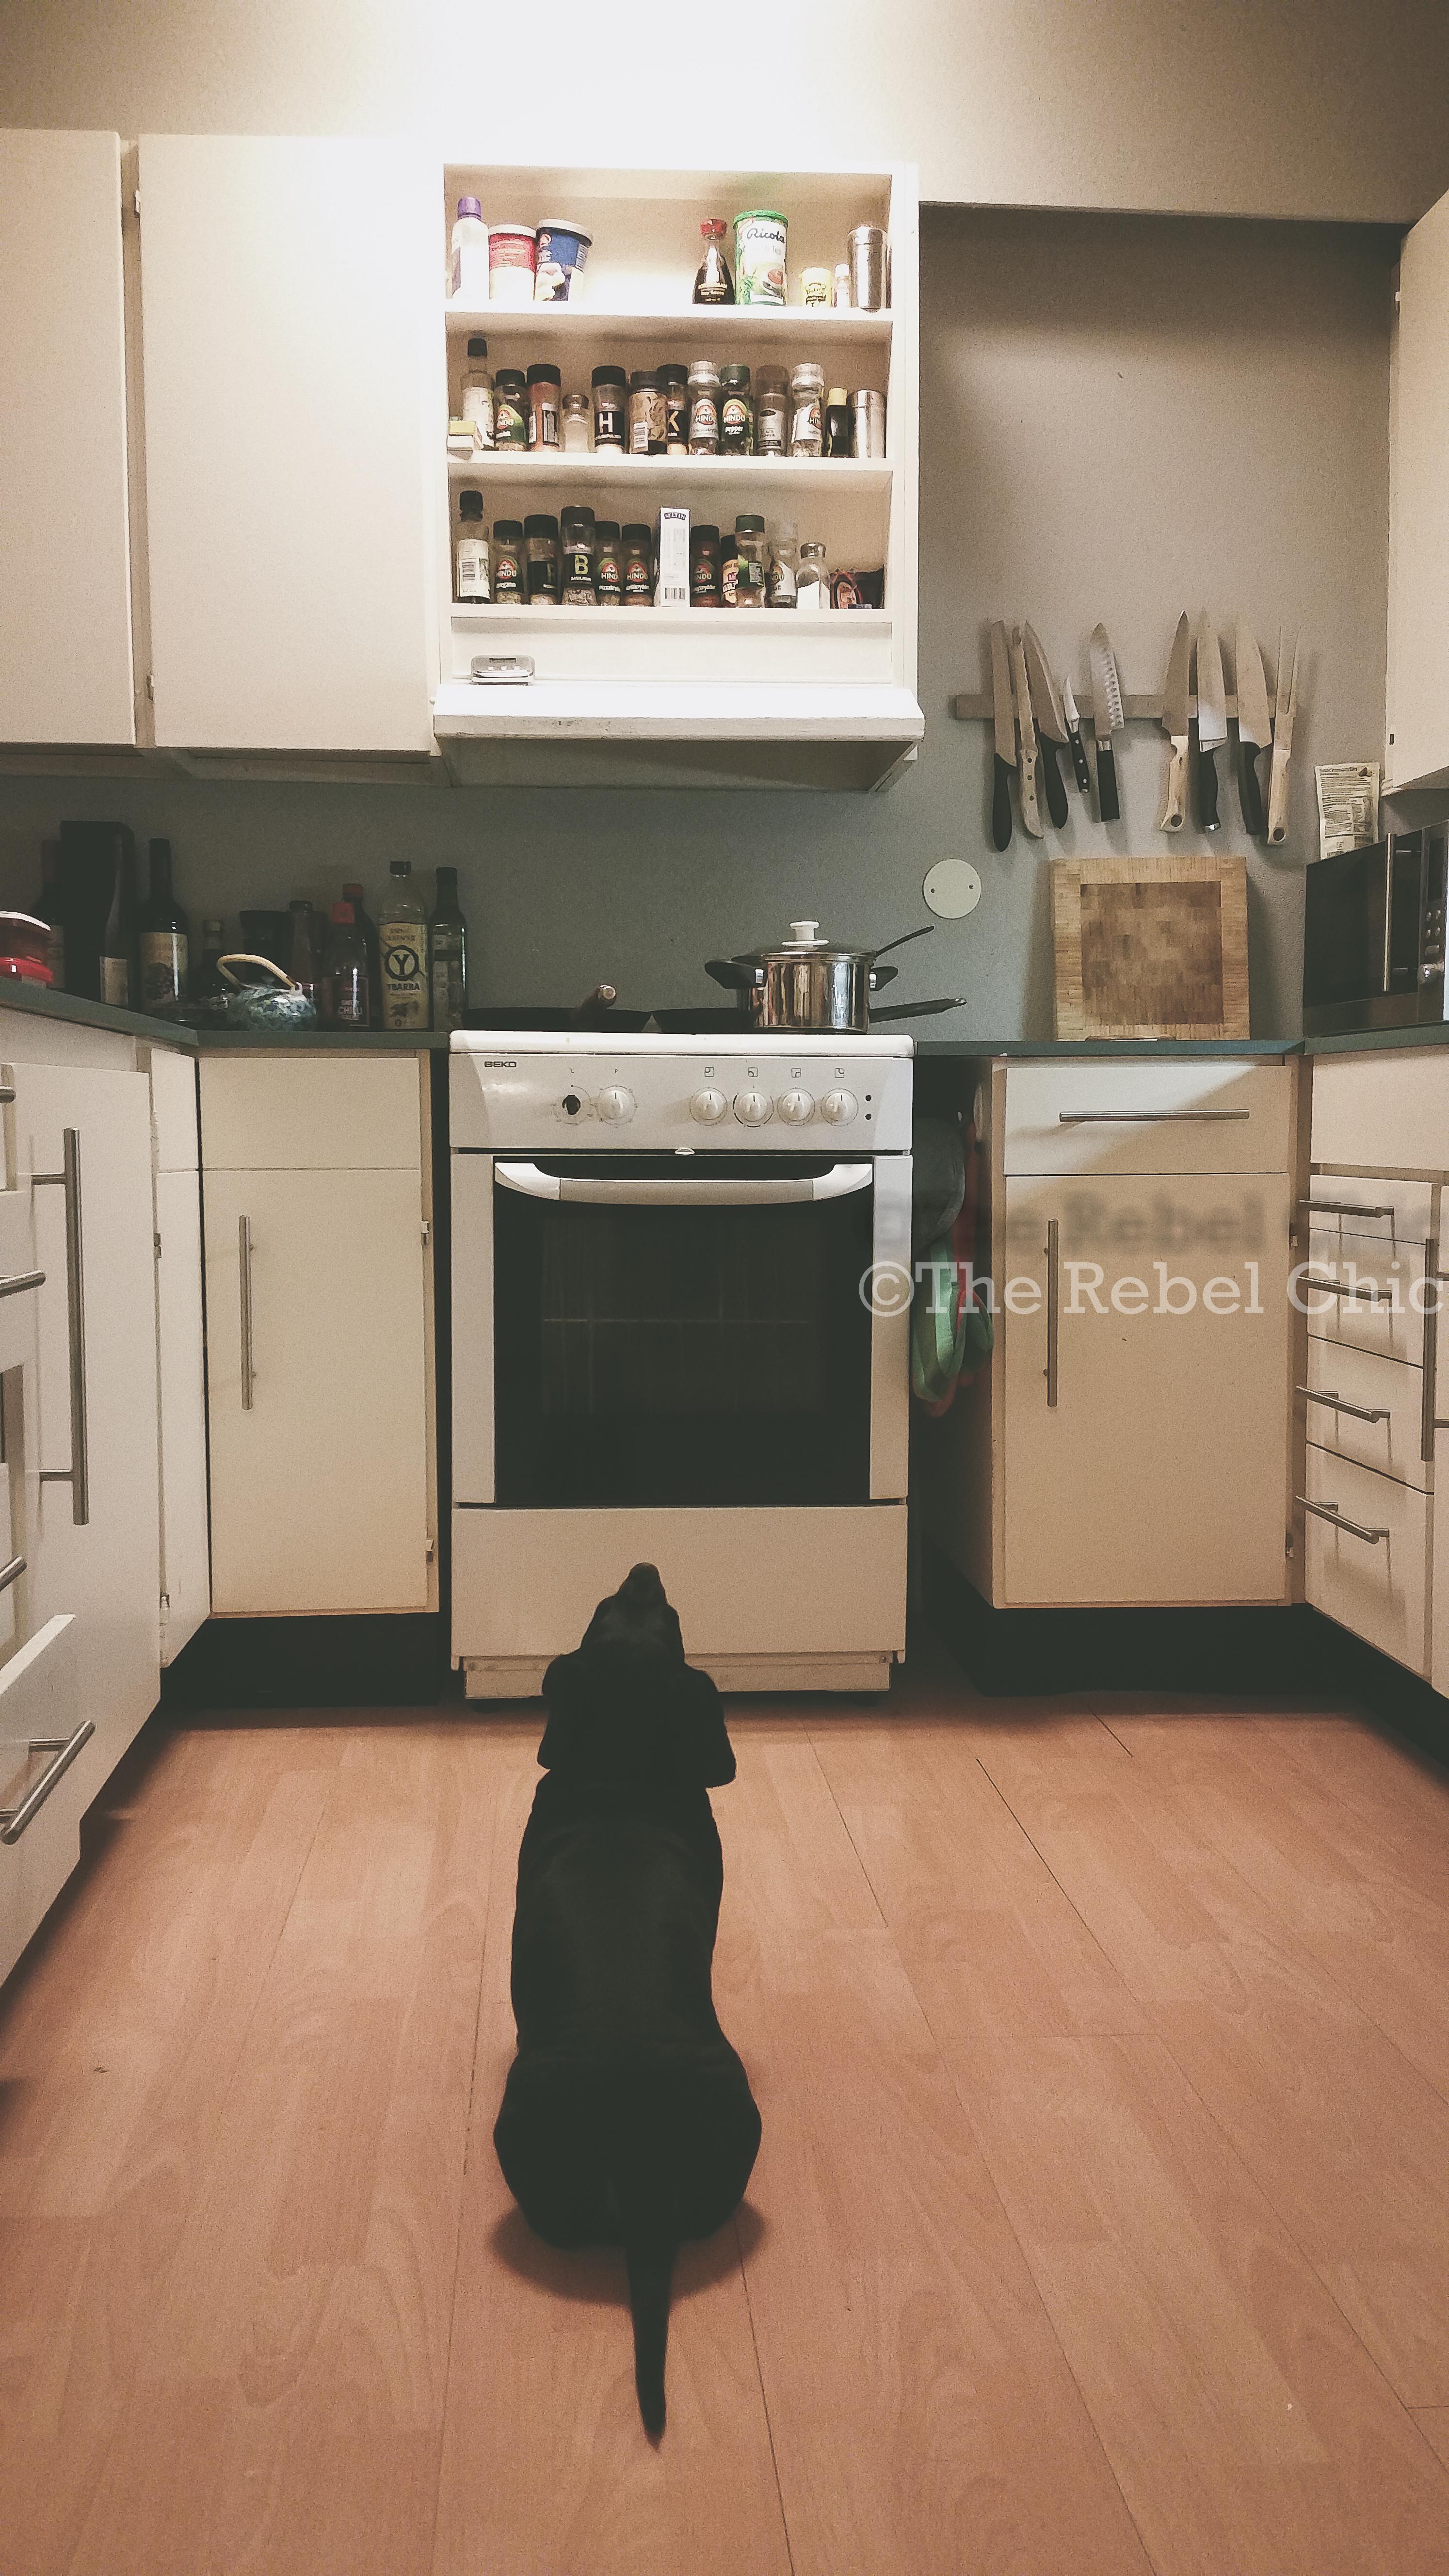 zorro kitchen shot-3